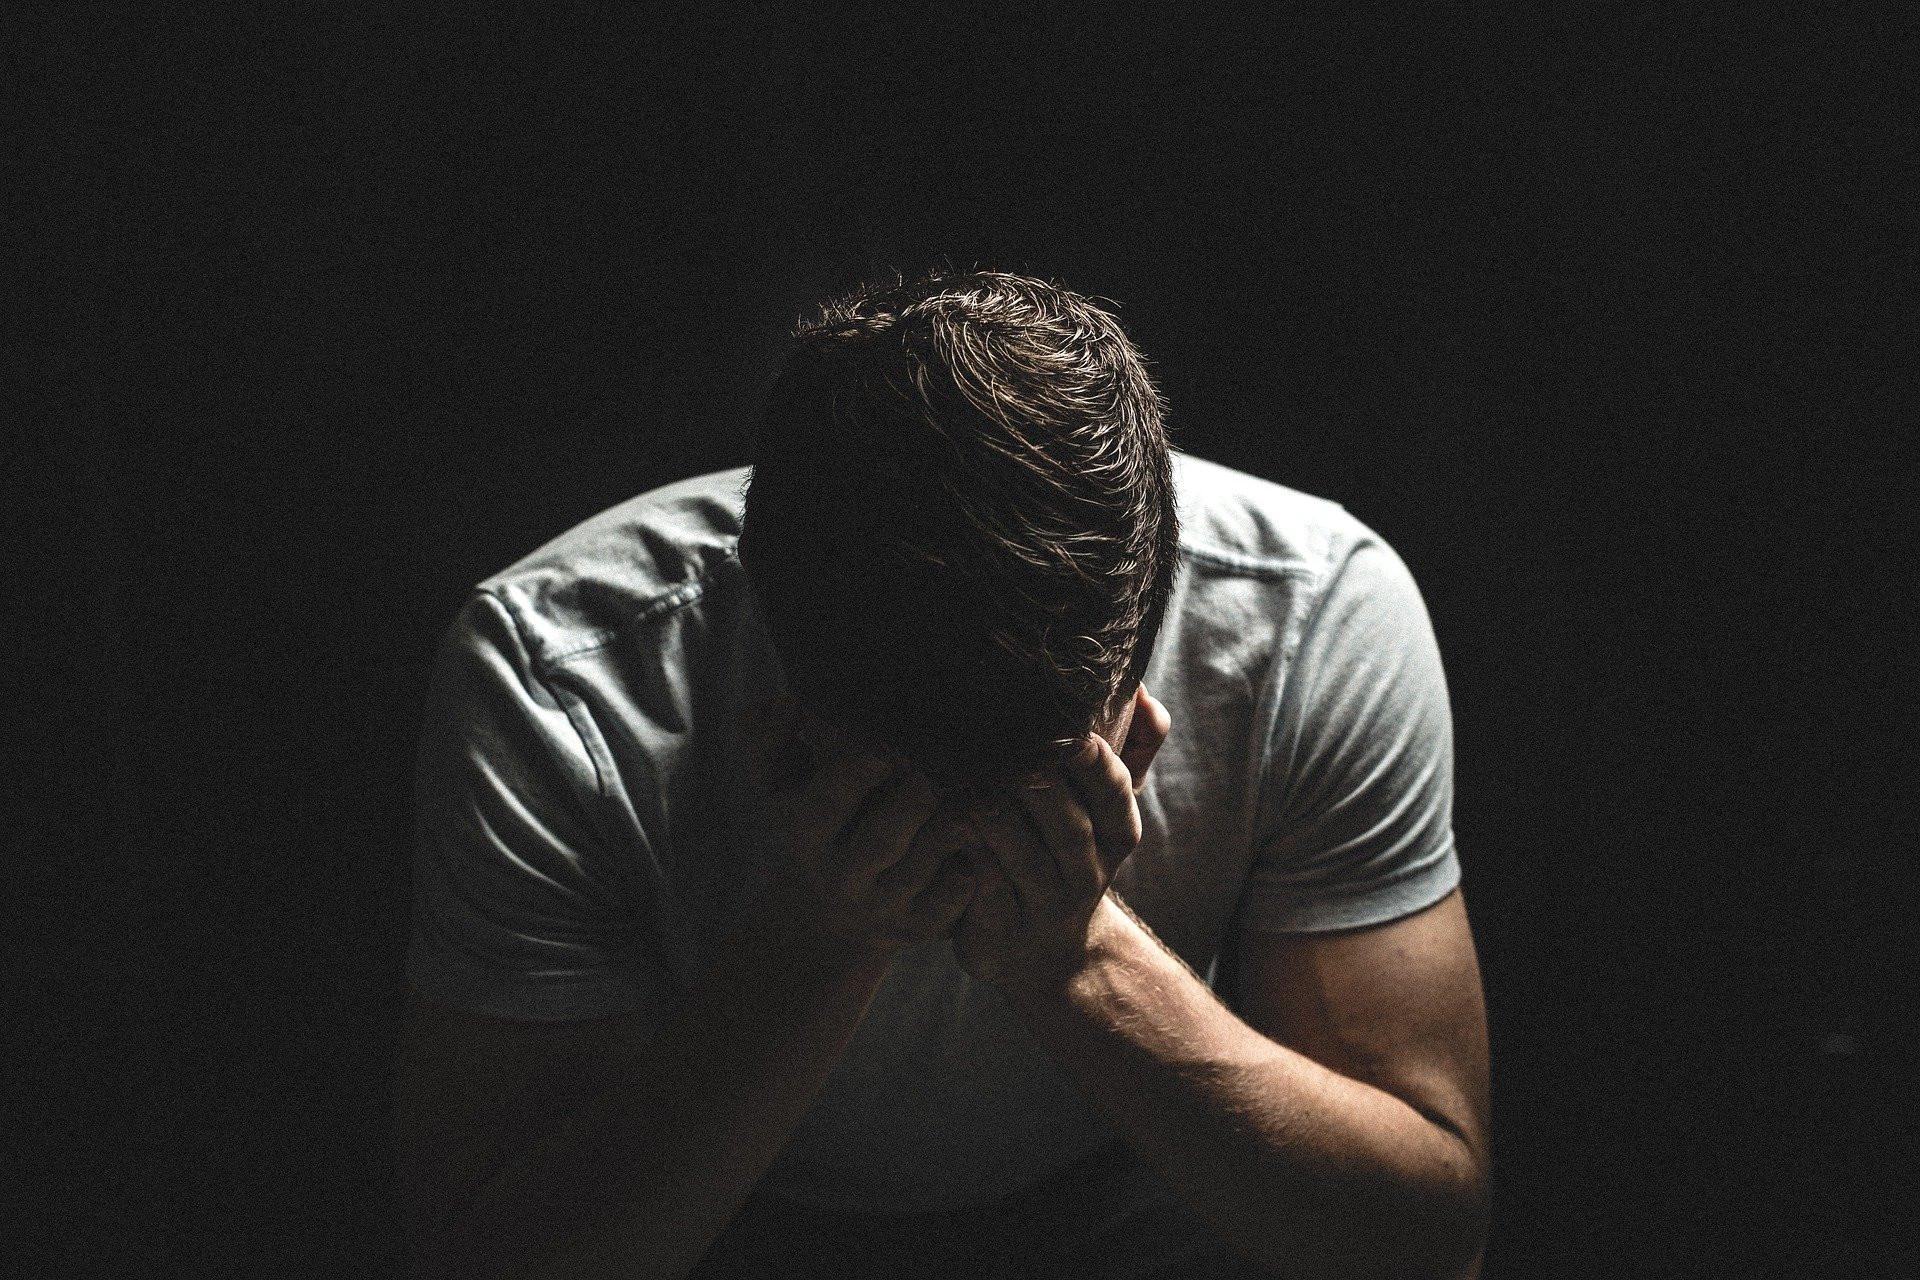 Waduh, Konsumsi Gula dan Makanan Tinggi Lemak Berlebih, Gairah Pria Bisa Turun Lho - JPNN.com